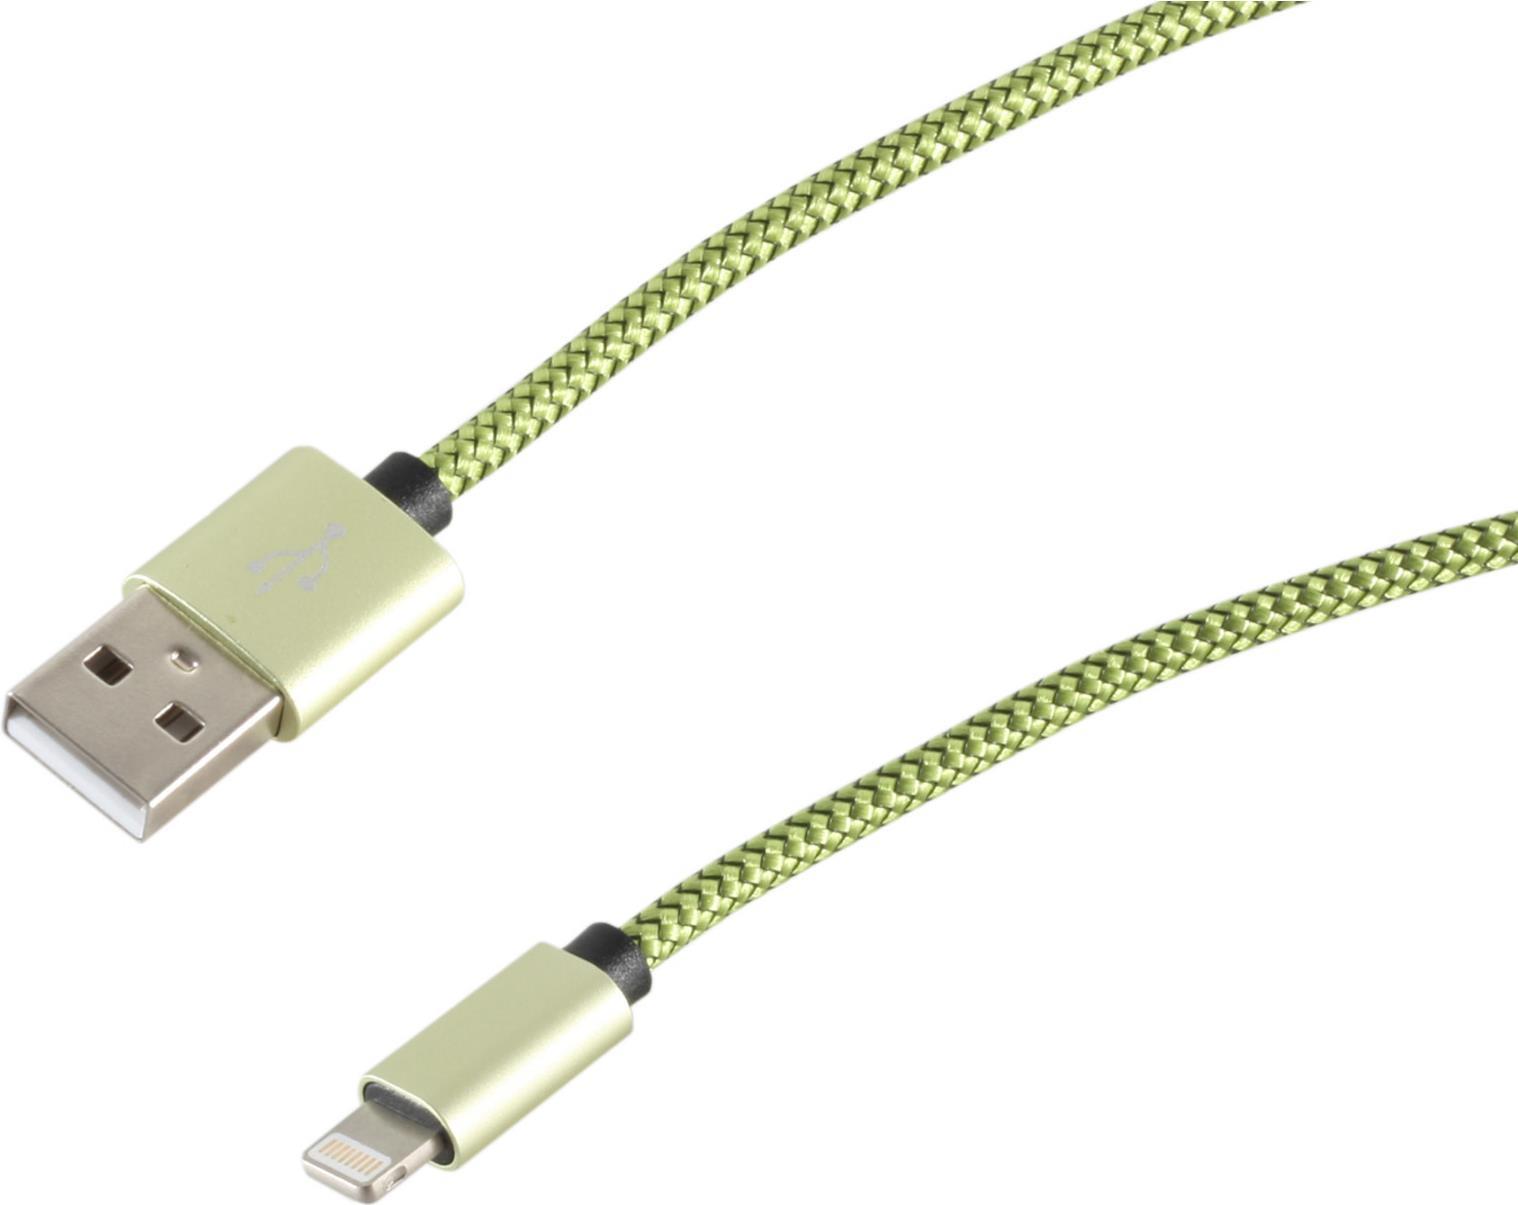 S-Conn 14-50111 0.9m USB A Lightning Grün Handykabel (14-50111)